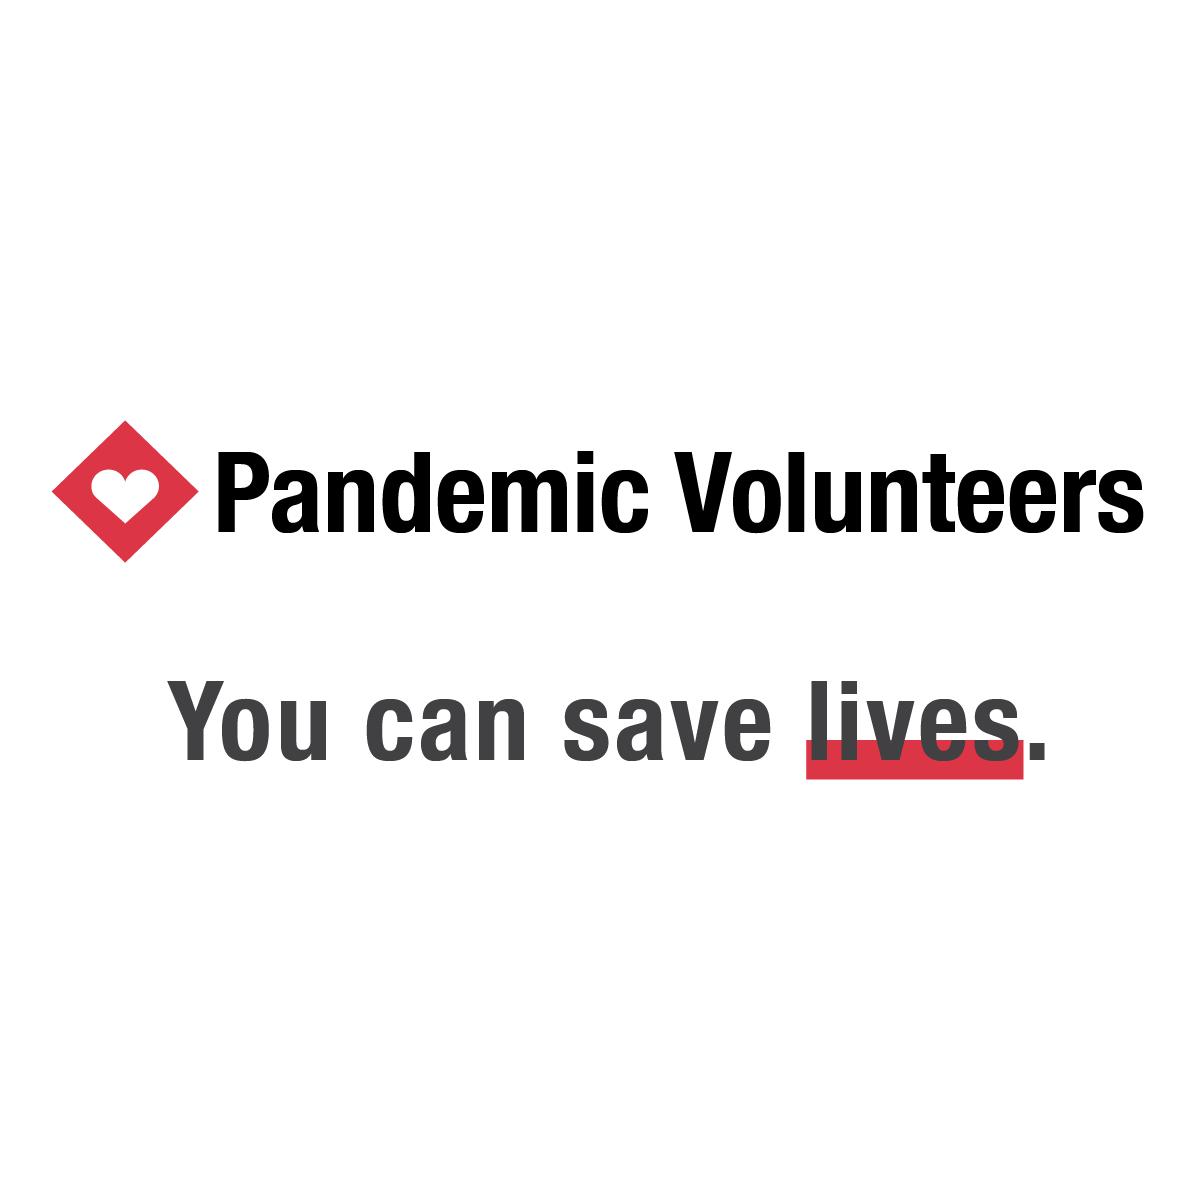 Pandemic Volunteers